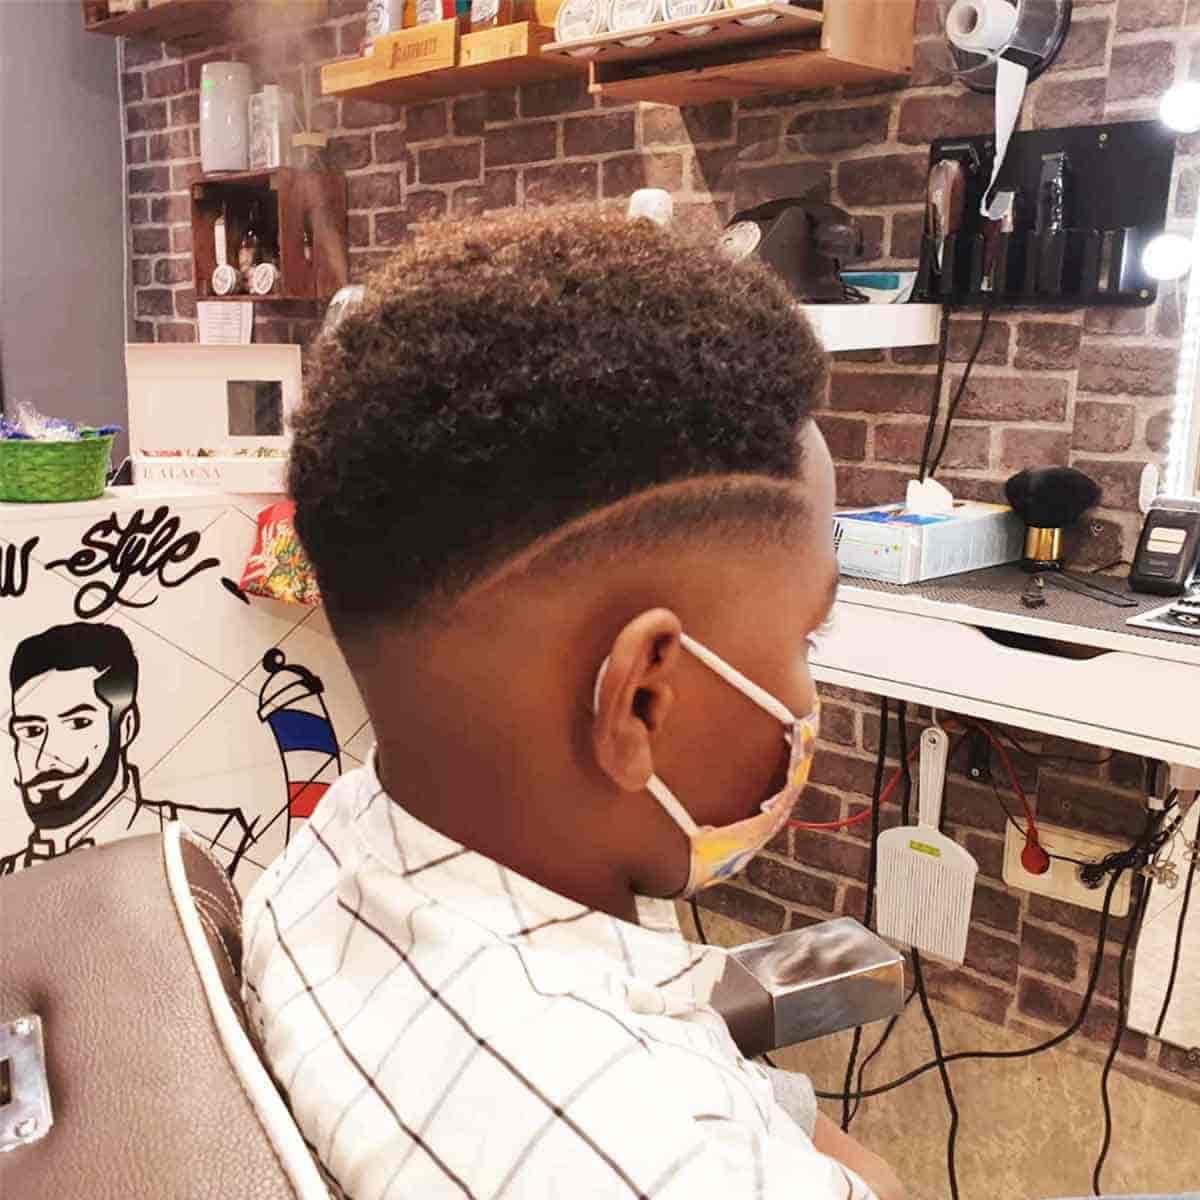 Servicio de corte de pelo degradado con raya al lado en la barbería YB New Style Barber Shop